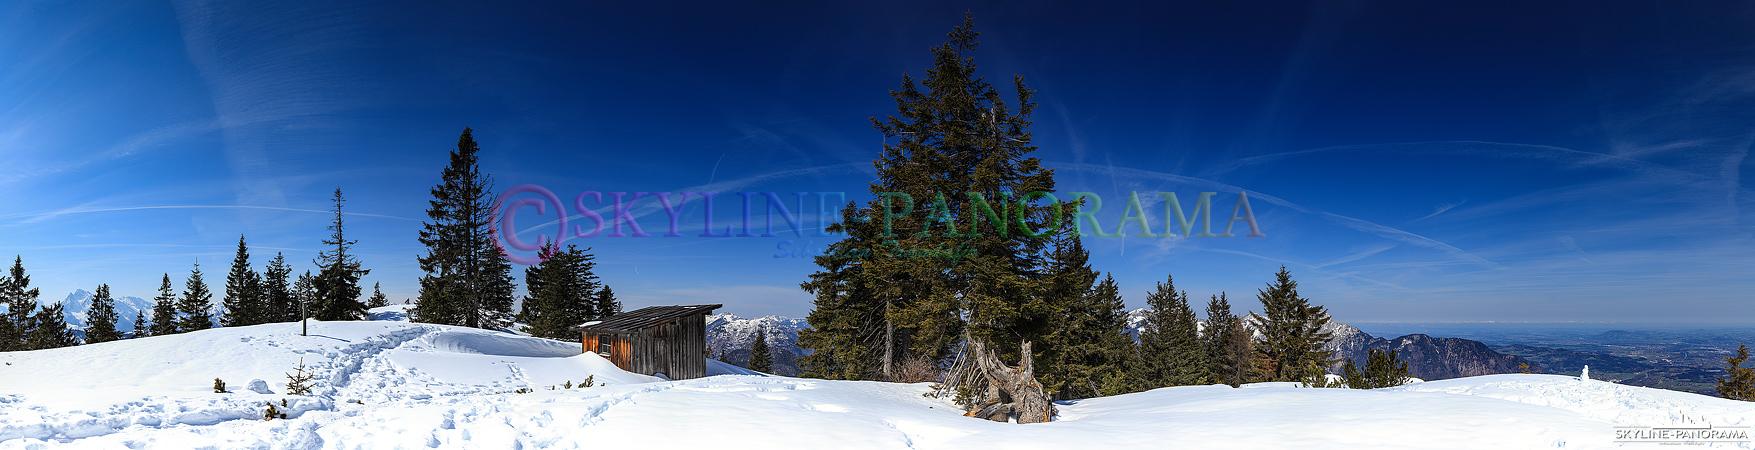 Bilder aus den Berchtesgadener Alpen - Der Predigtstuhl im Lattengebirge, dessen Gipfel auf 1613m liegt, gehört zu dem Gebiet der Ortschaft Bad Reichenhall und ist dank der Predigtstuhlbahn ein bekannter und beliebter Aussichtsberg in der Region.